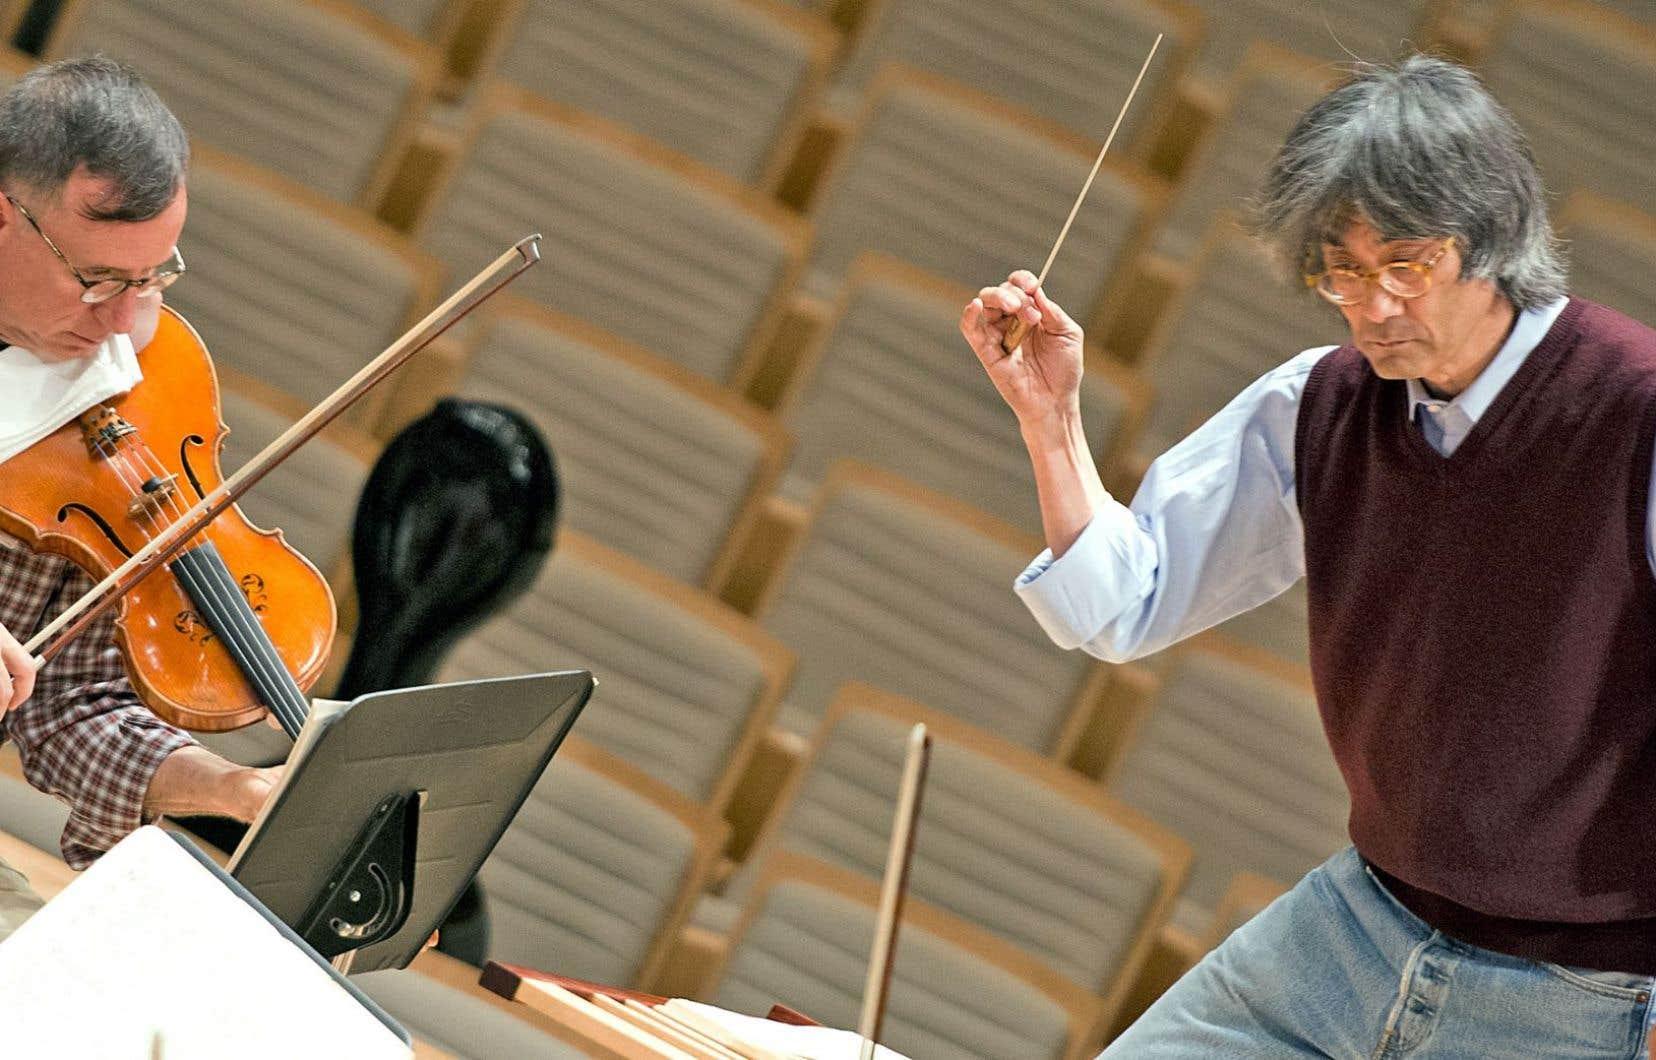 La politique culturelle qui régit nos différentes institutions date de 1992, c'est-à-dire bien avant le règne d'Internet. Ci-dessus, le chef Kent Nagano en répétition avec l'Orchestre symphonique de Montréal.